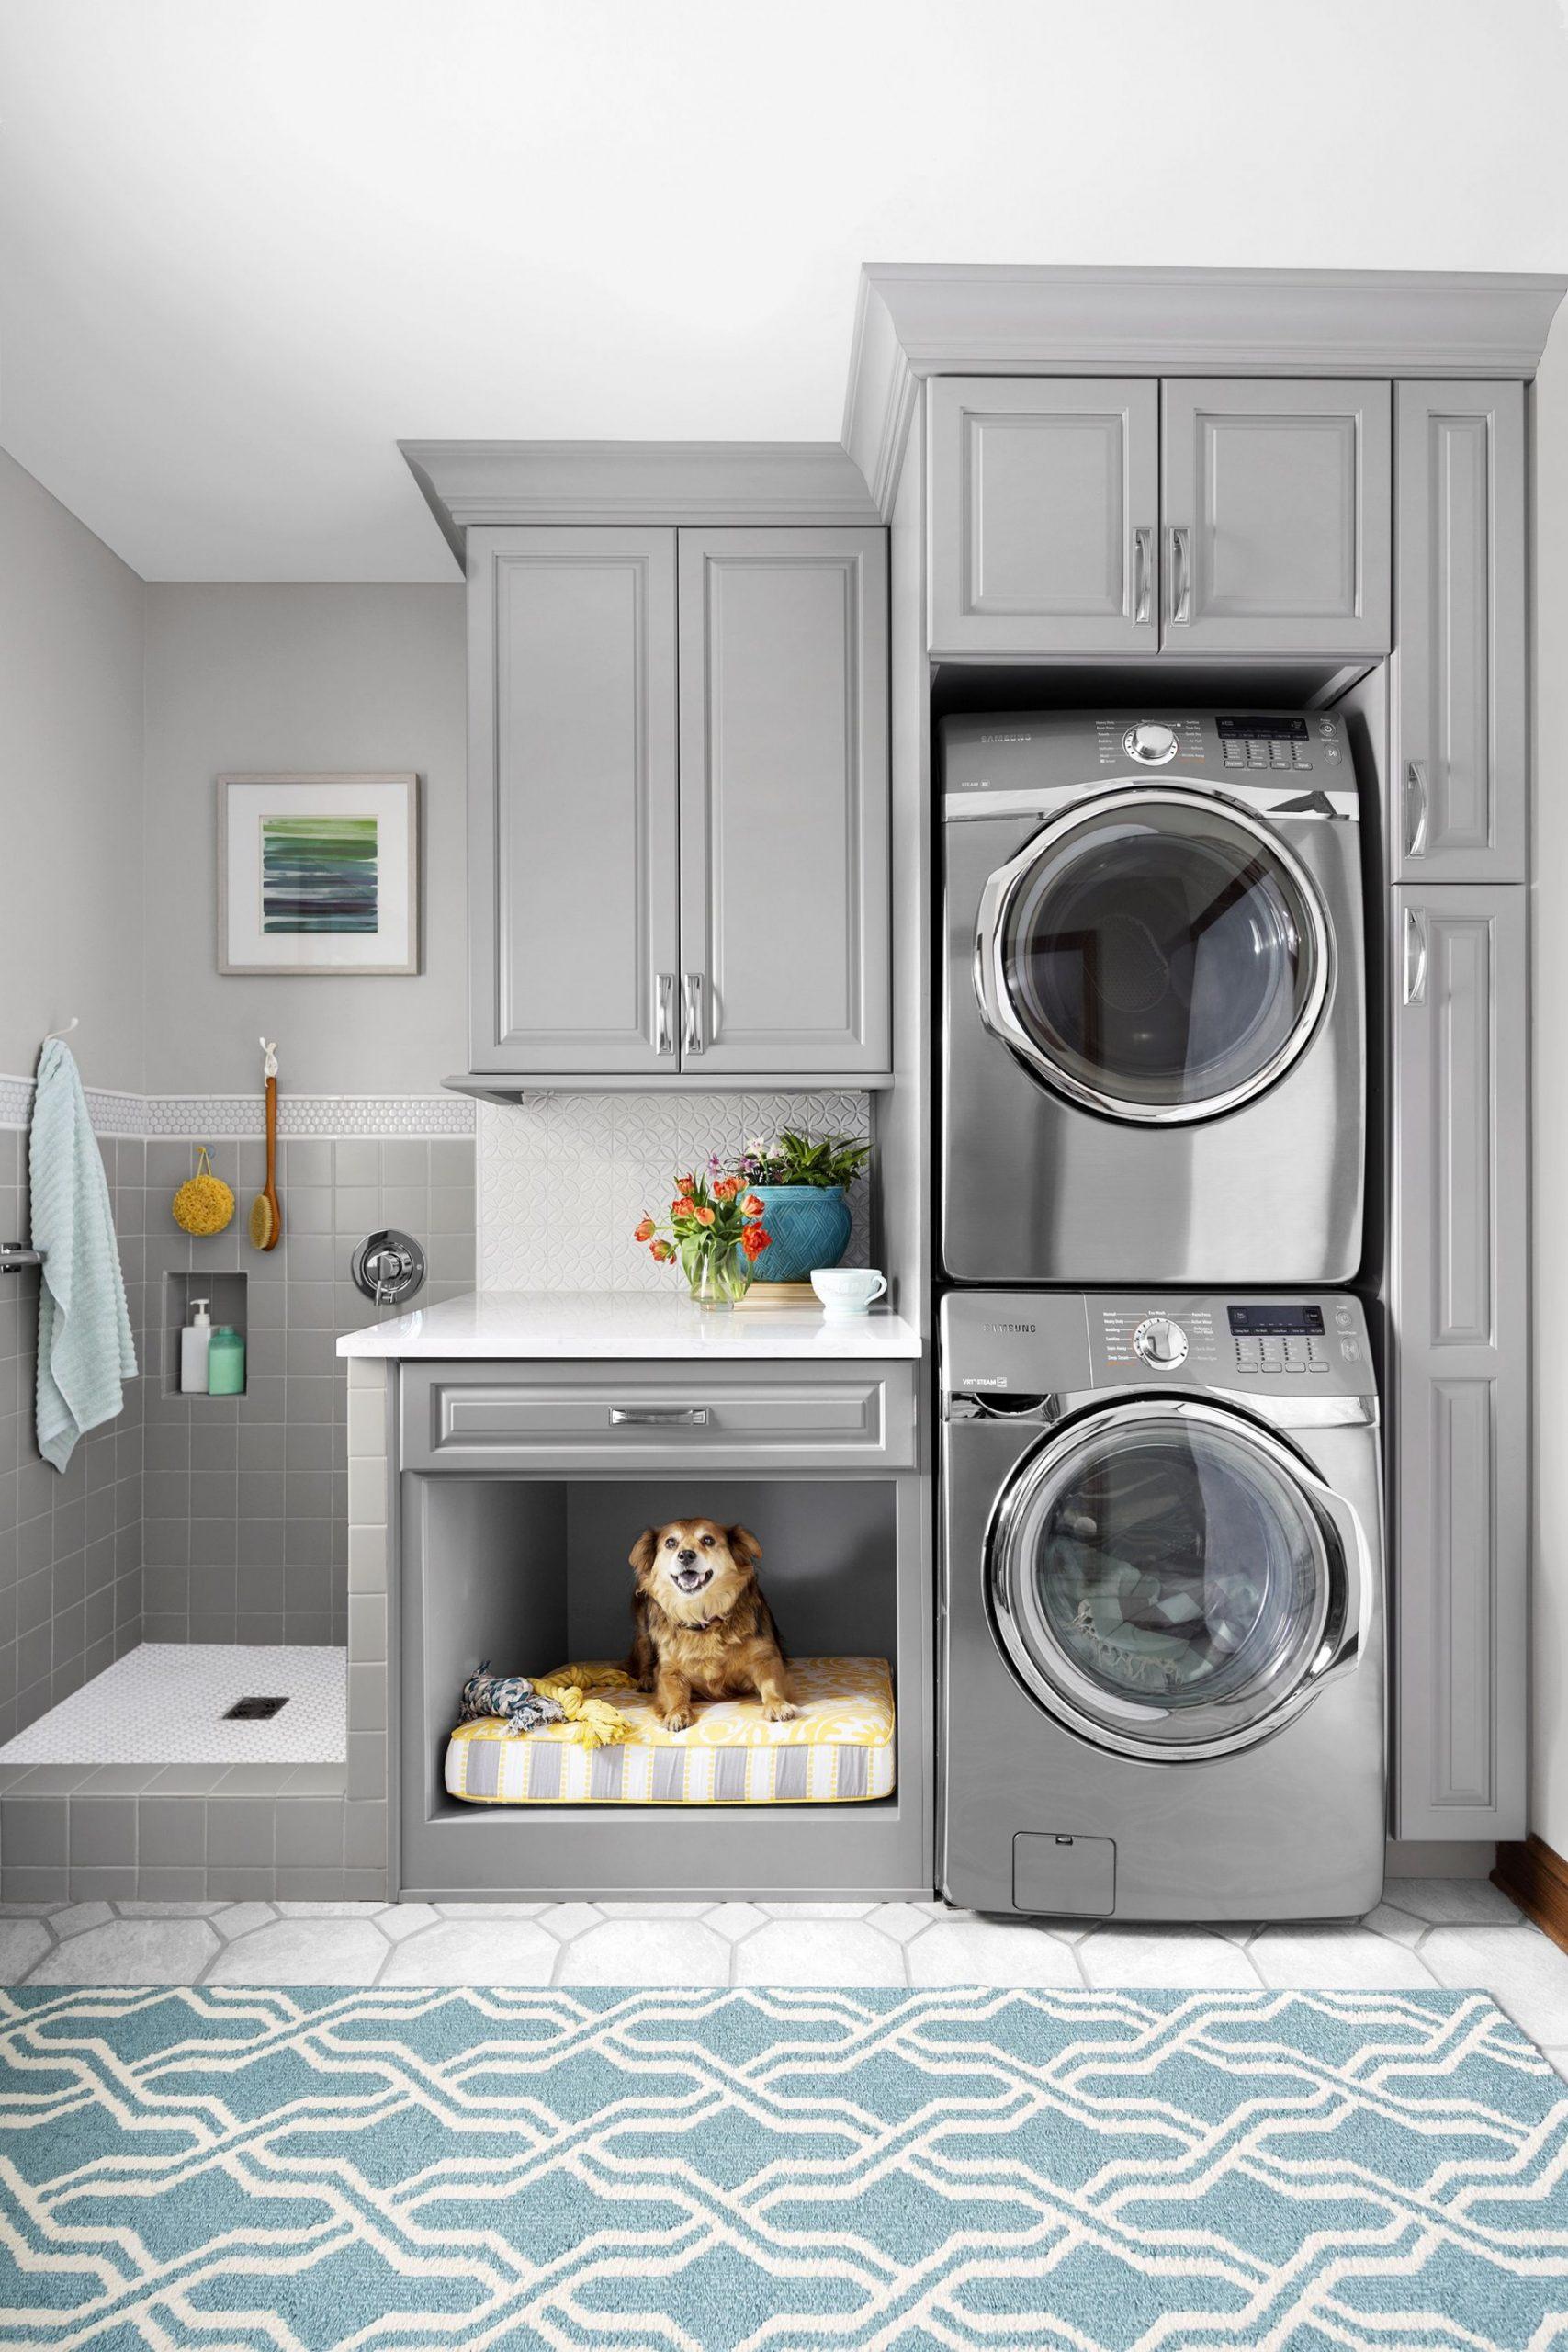 Ducha para perros, lavadoras y secadoras, almacenaje y lugar para  - Laundry Room Office Ideas